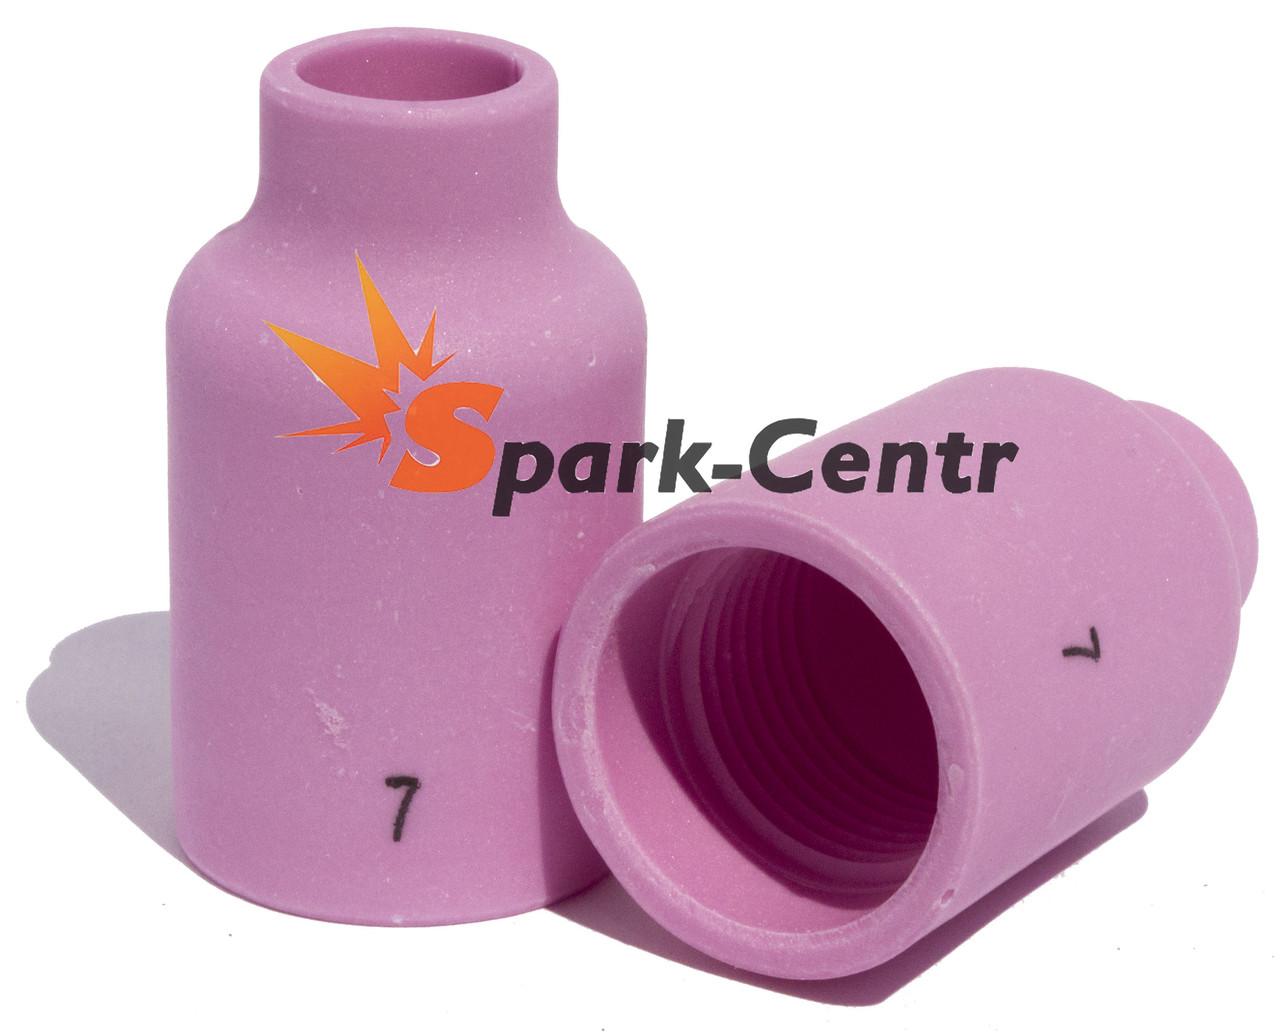 Сопло газовое №8 стандартное для газовой линзы 40 мм, Ø13 мм серия 54N14 для горелки WP-17/18/26